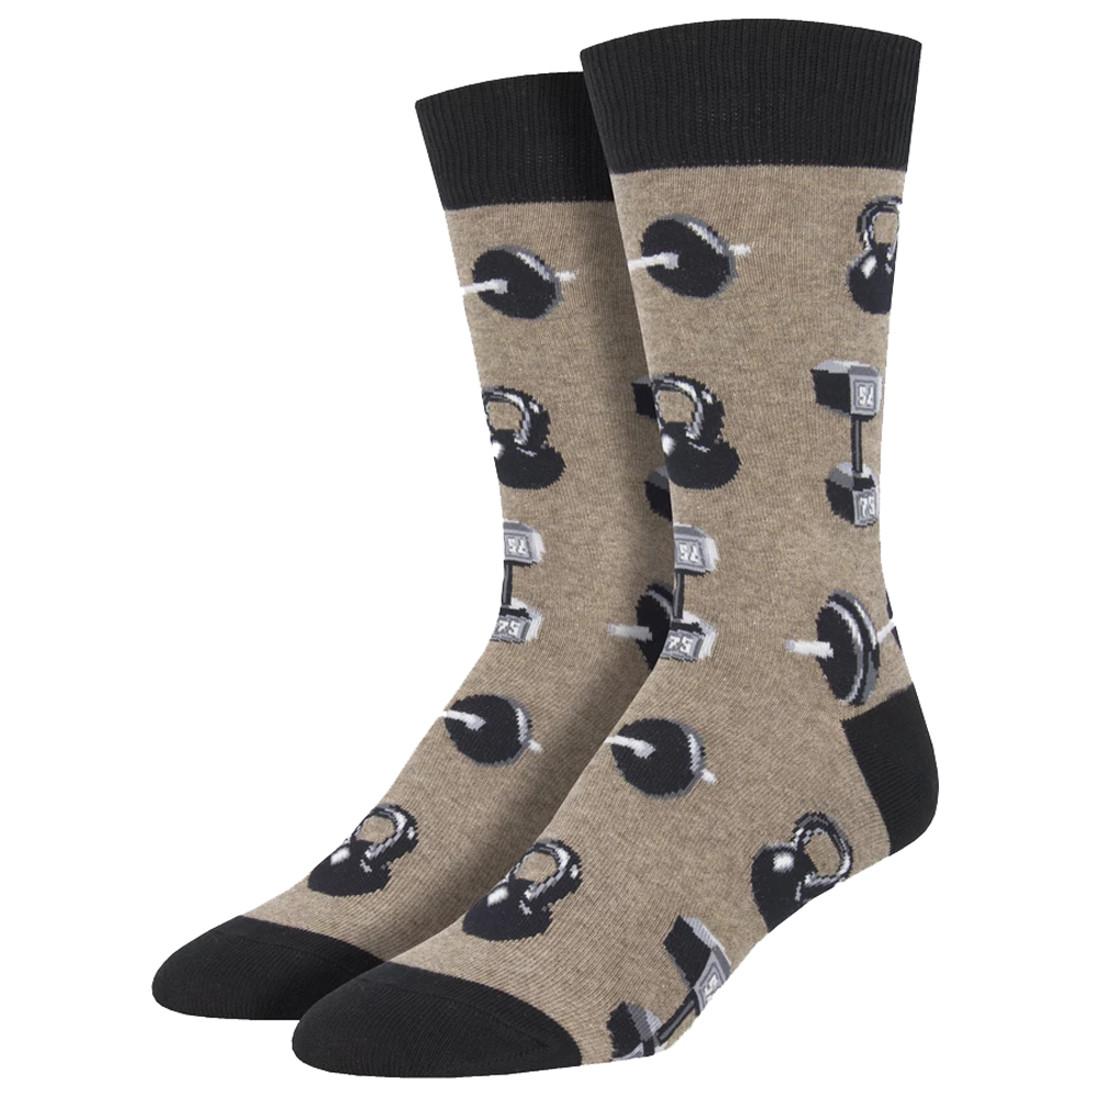 Do You Even Lift Bro Men's Crew Socks